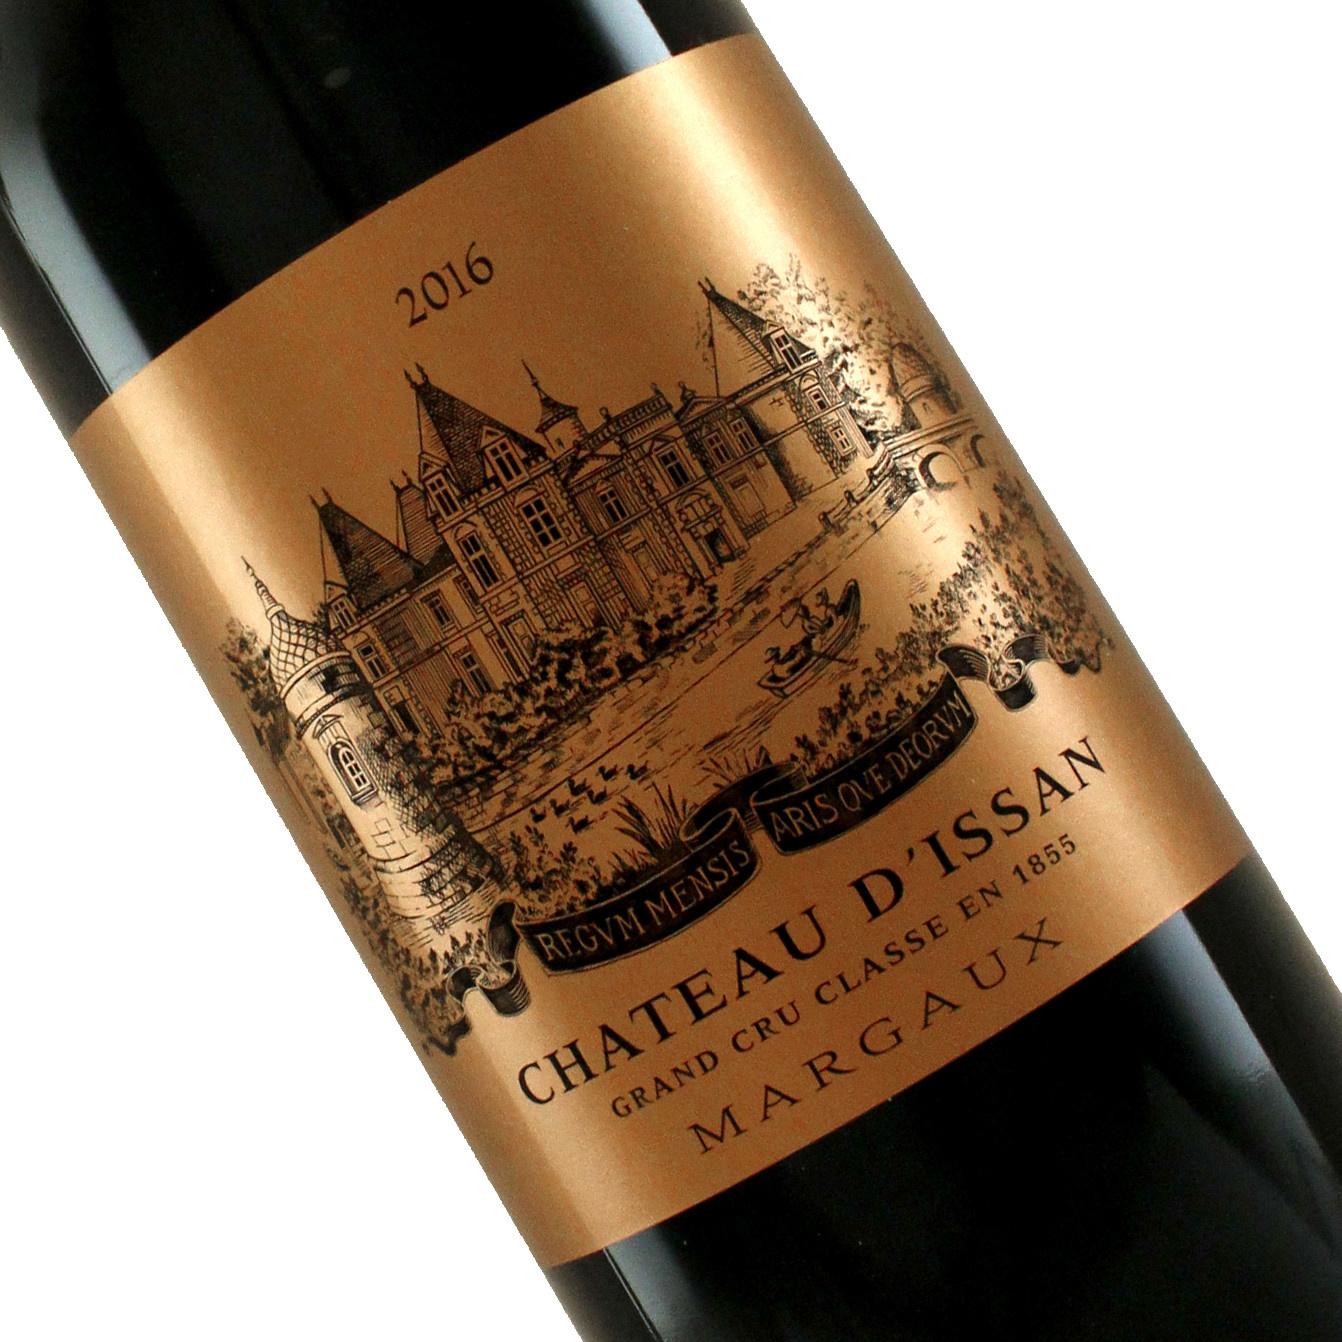 Chateau D'Issan 2016 Margaux, Bordeaux